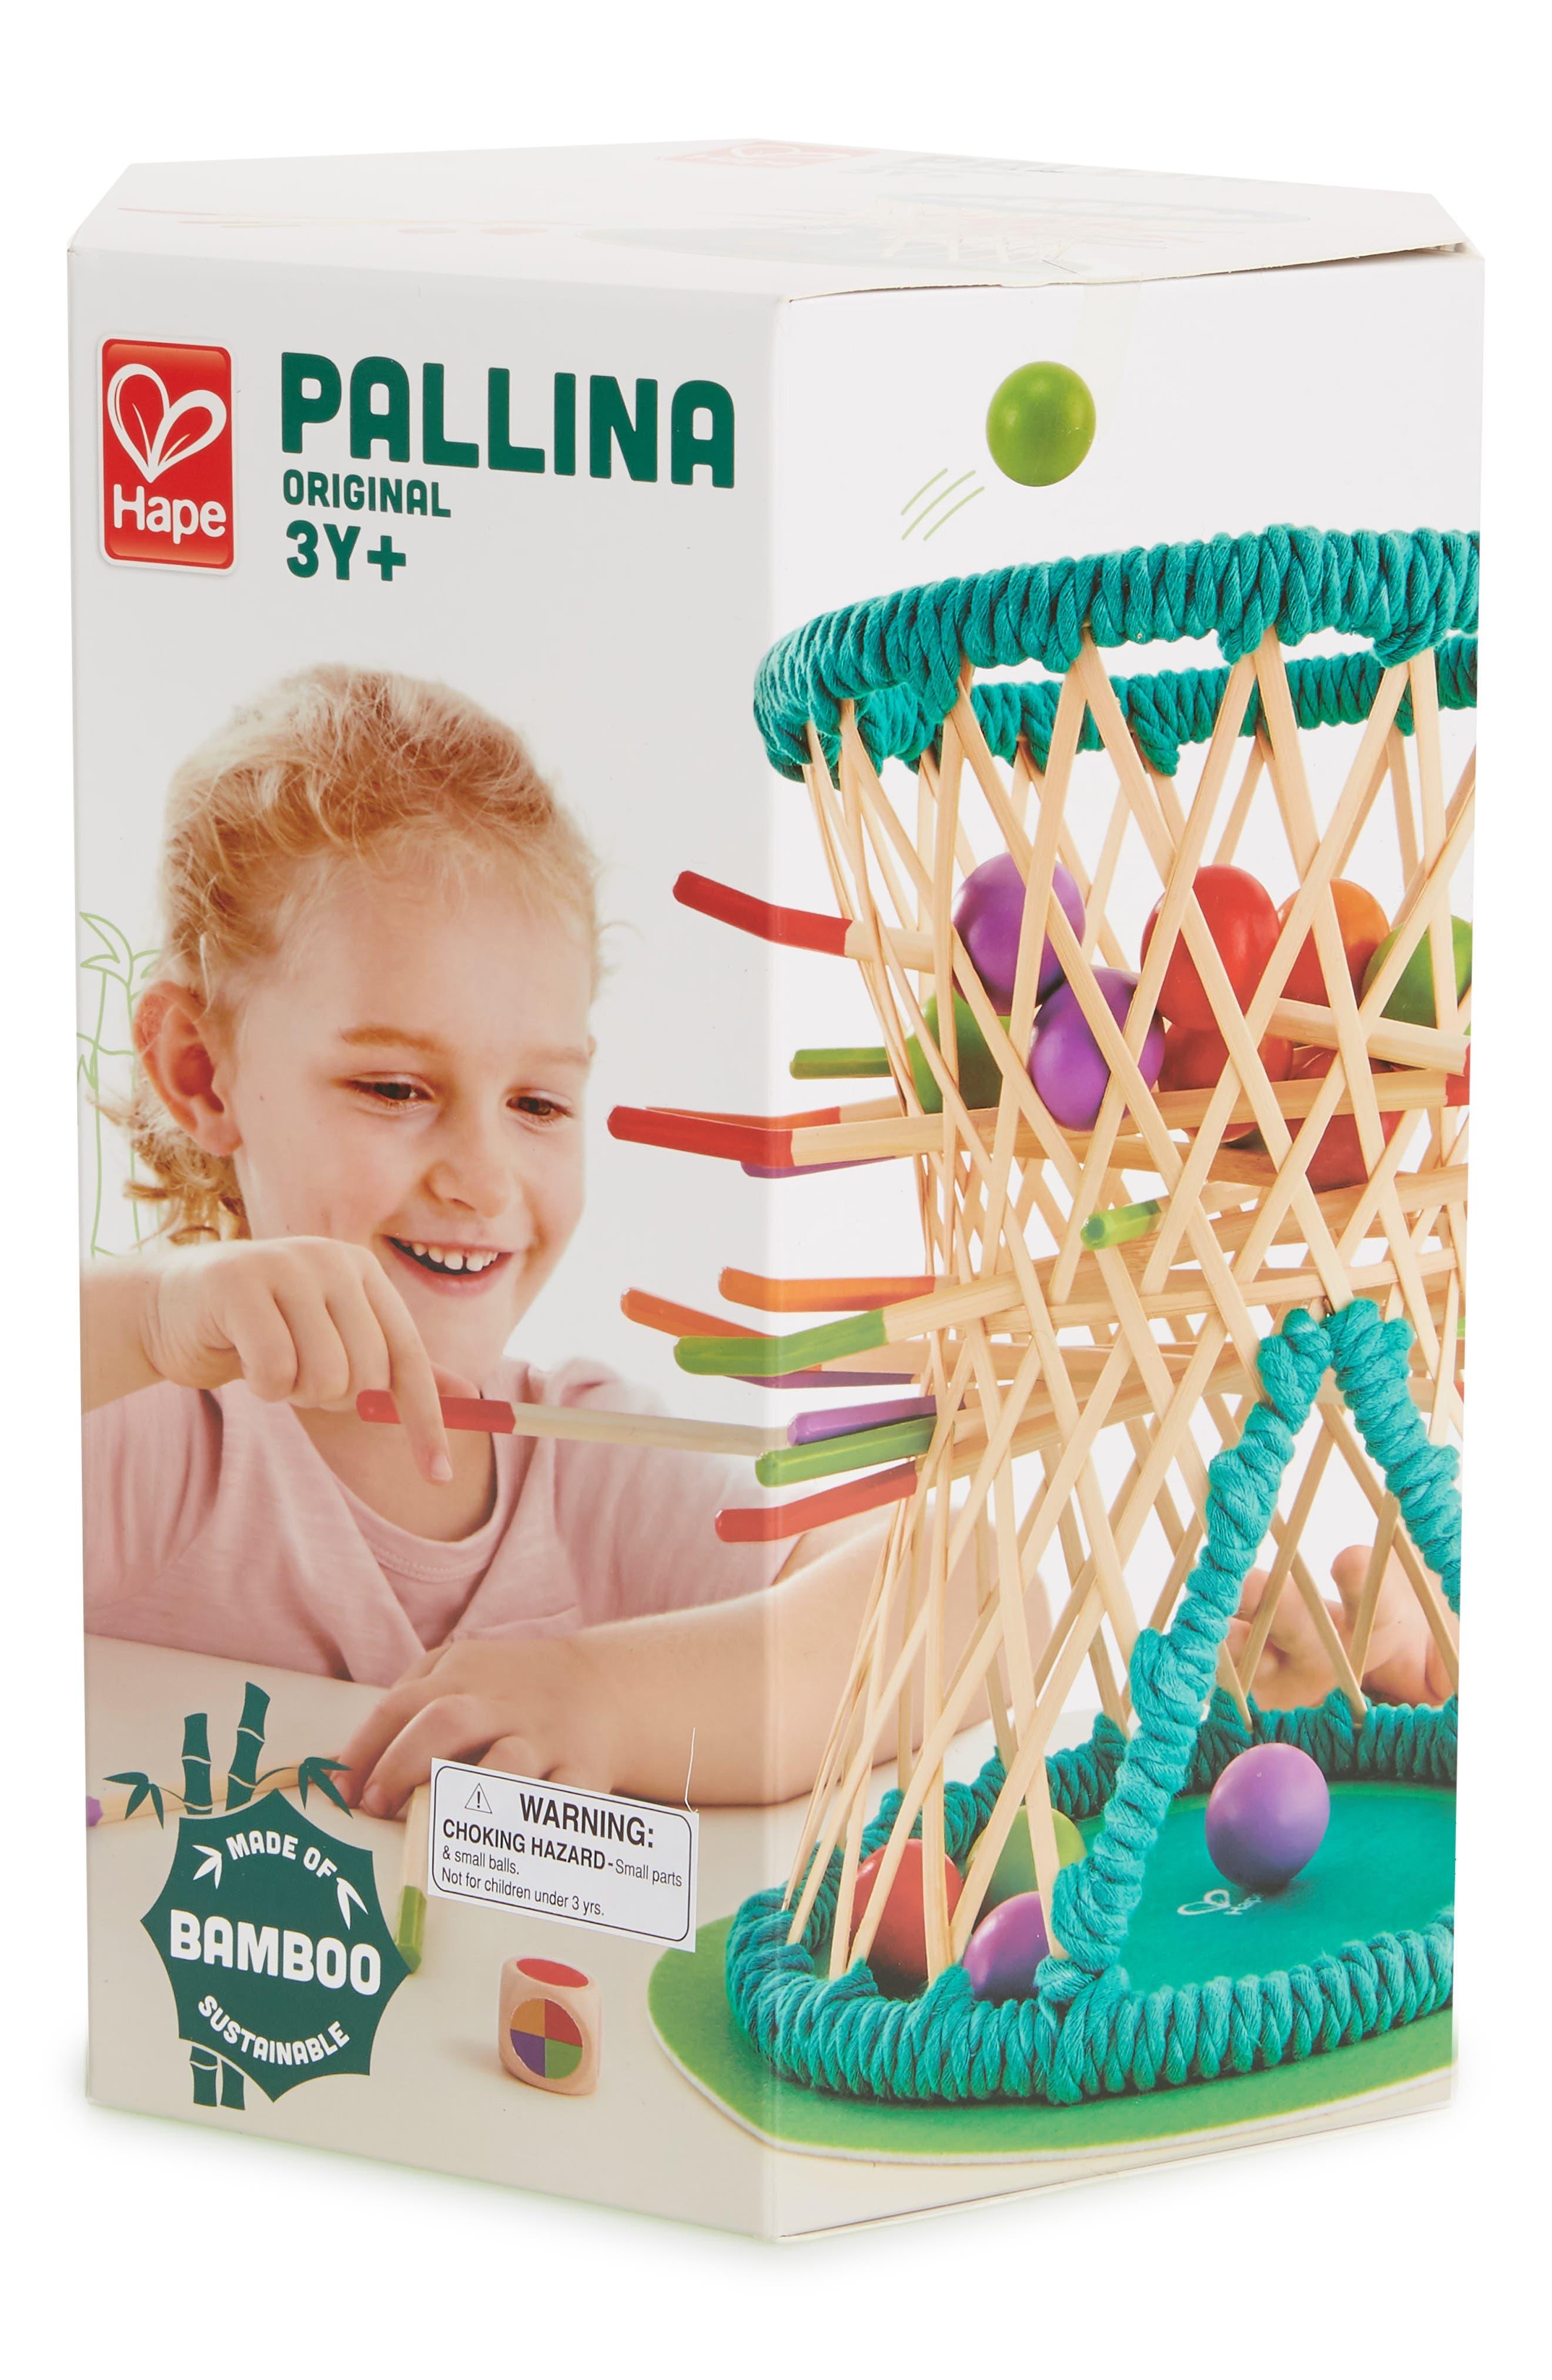 Pallina Original 39-Piece Stick and Ball Game,                             Main thumbnail 1, color,                             300